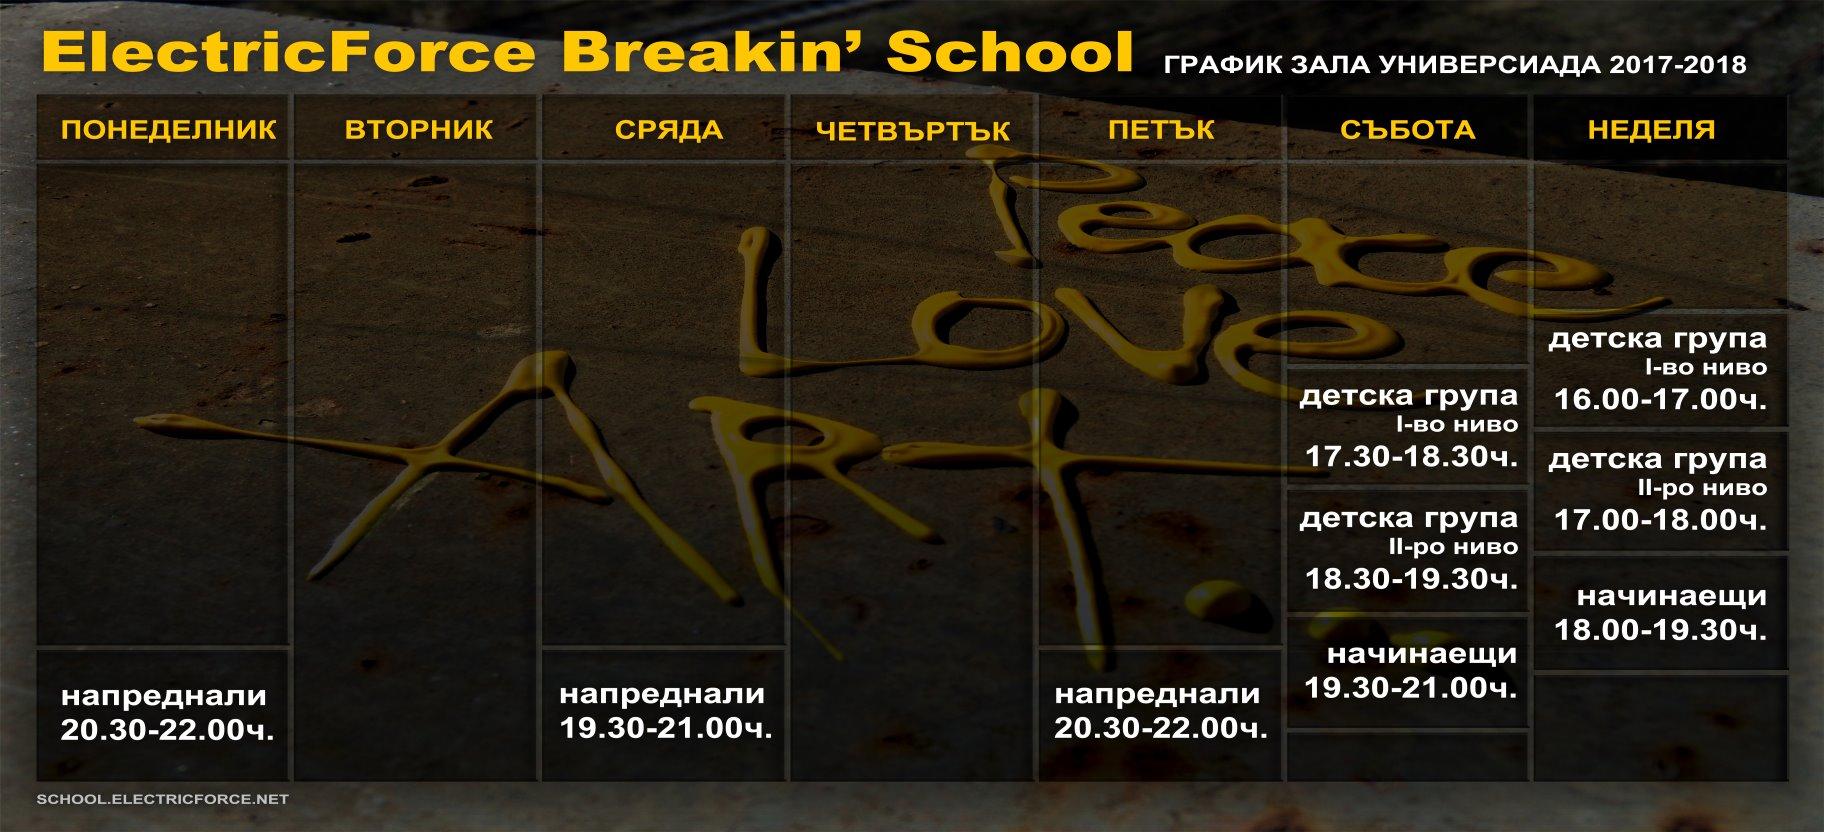 schedule_2017-2018